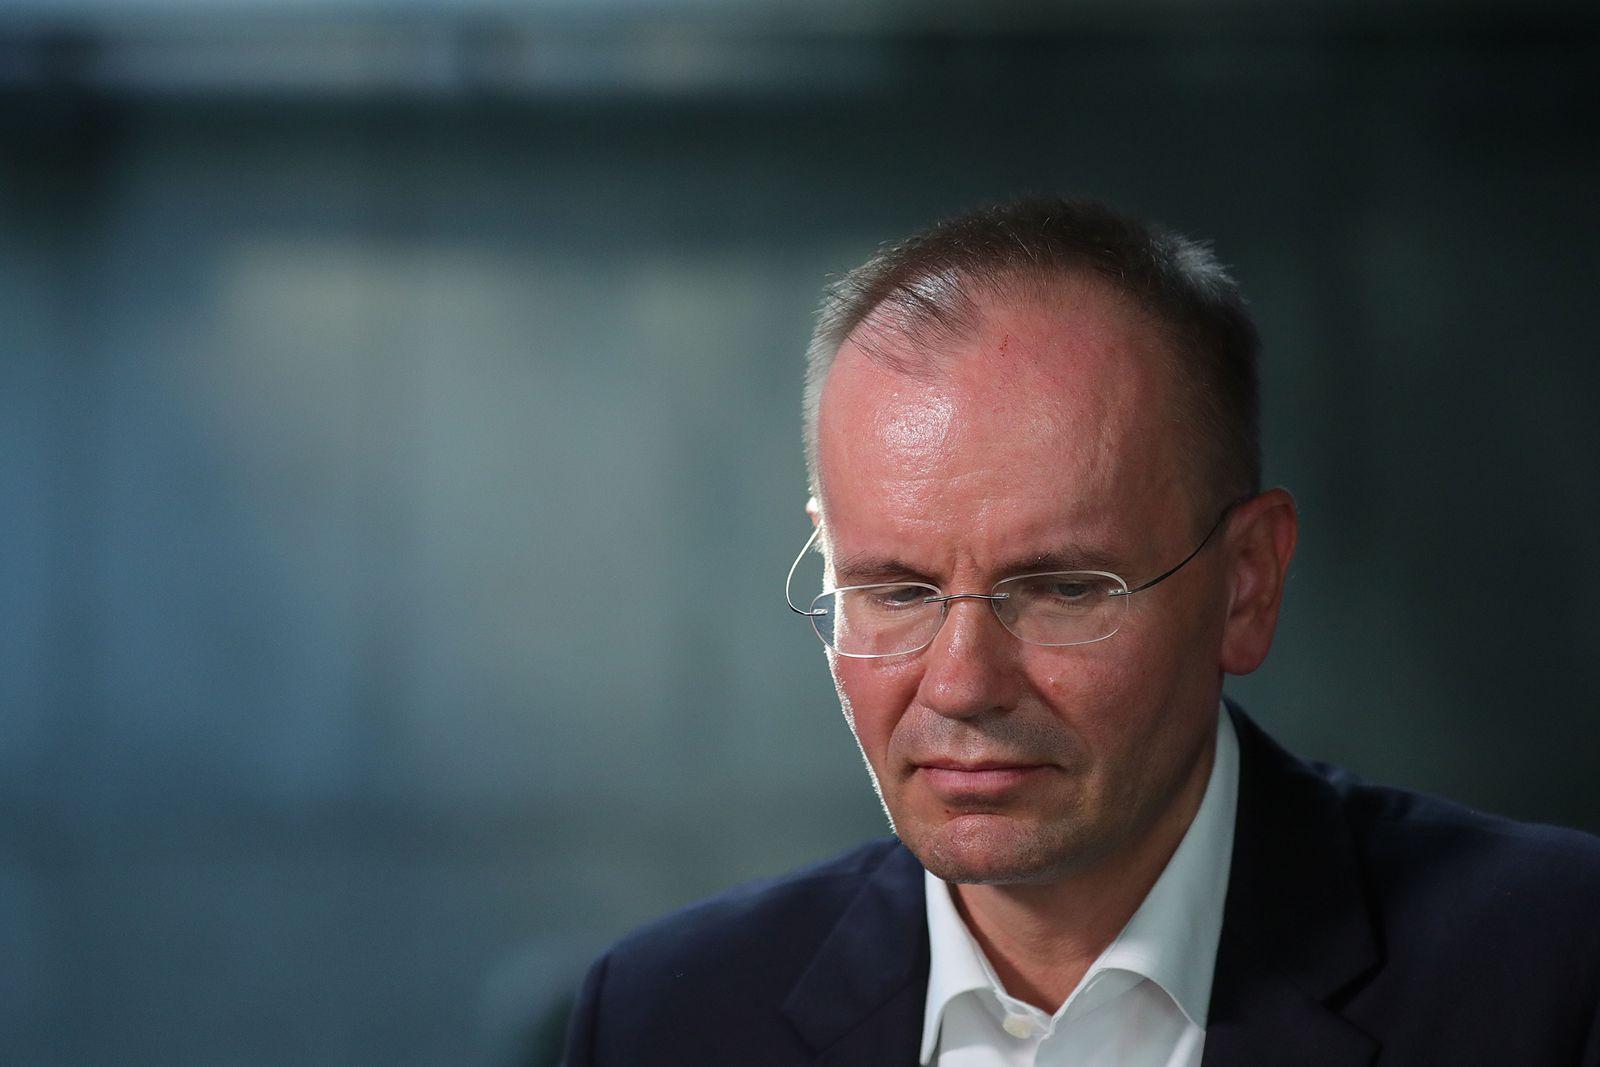 Wirecards Former CEO Markus Braun Arrested